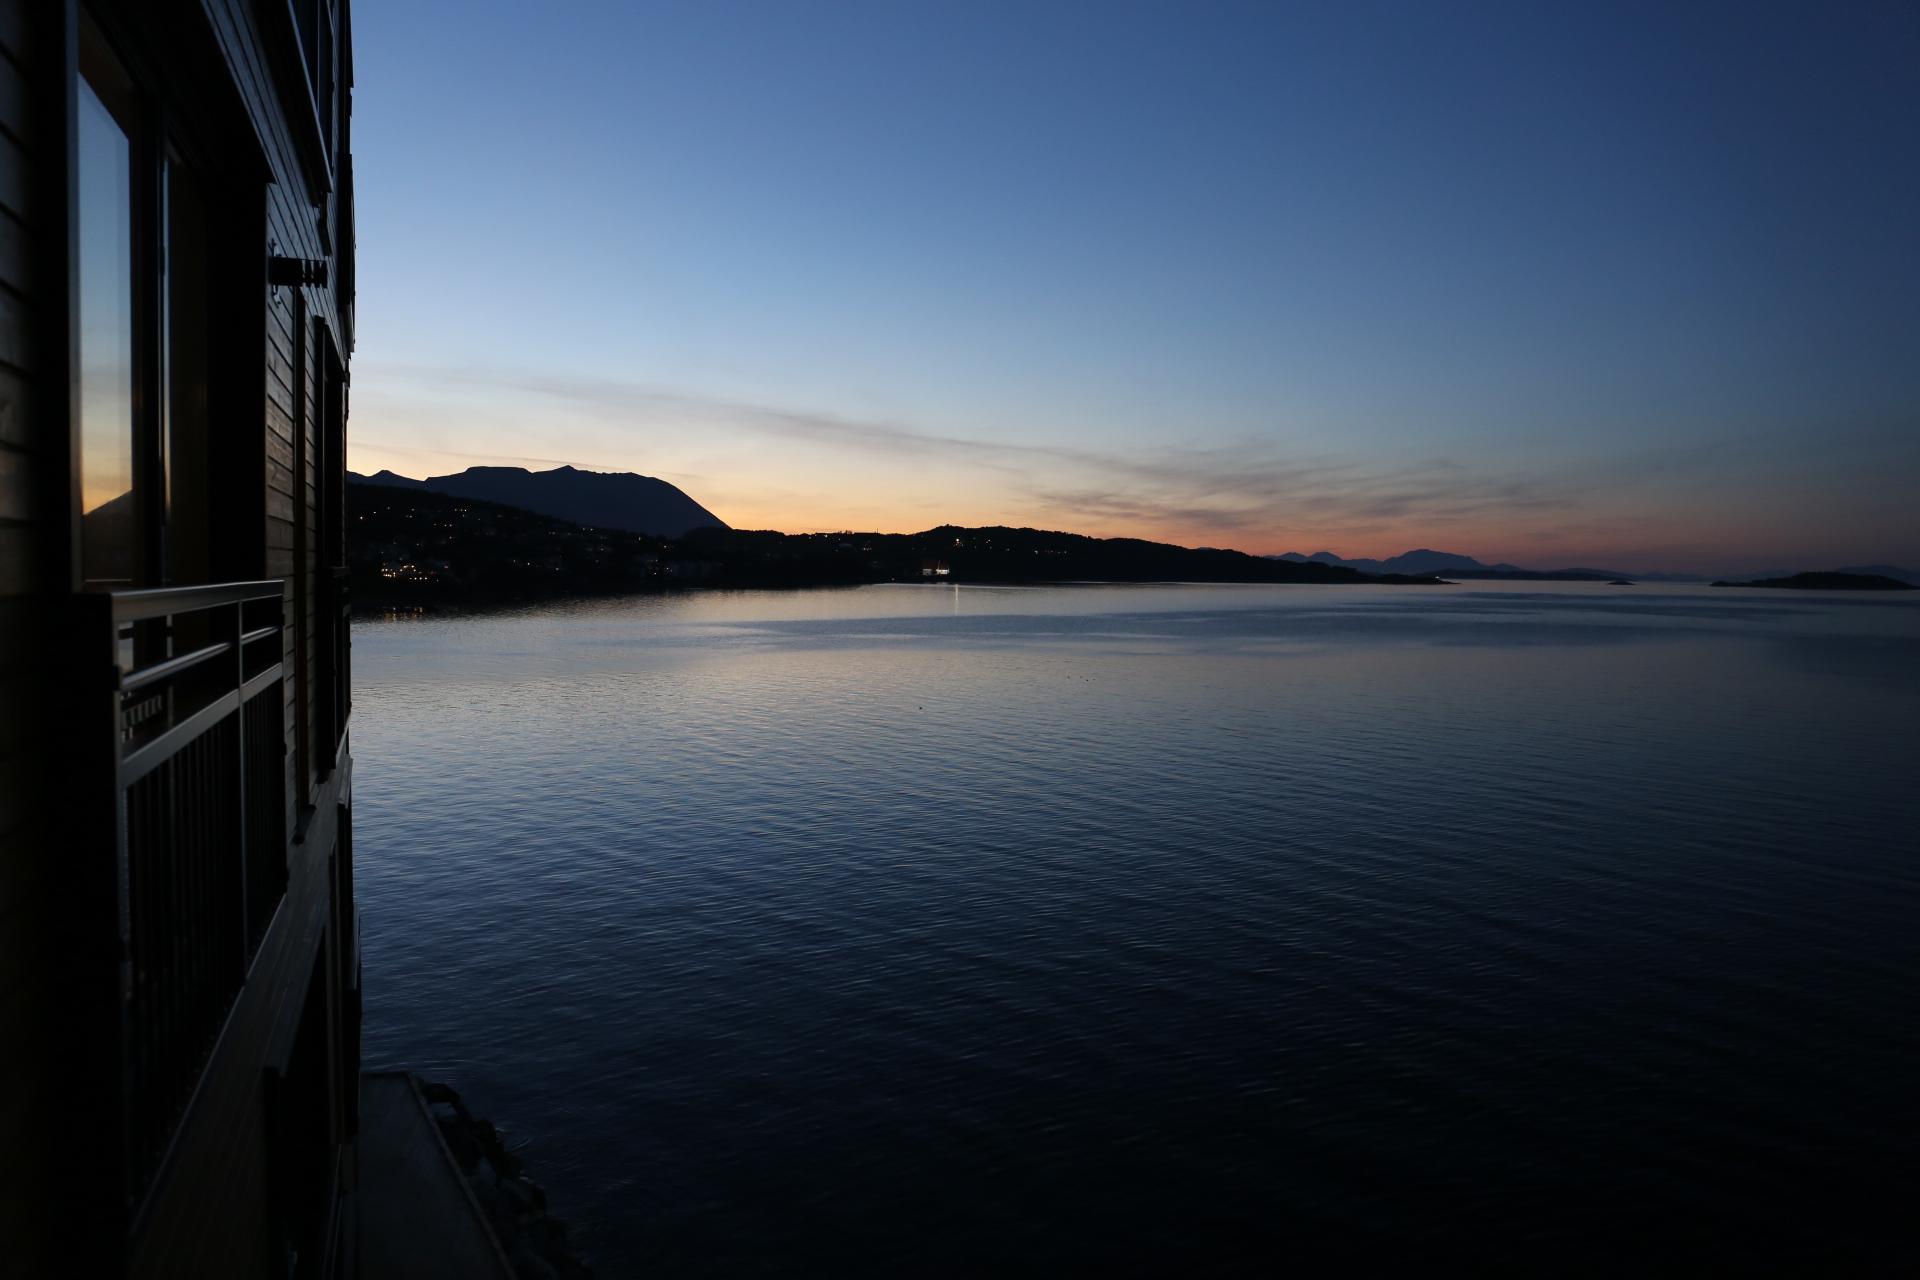 Solnedgång vid Harstad Brygge kl 23:00